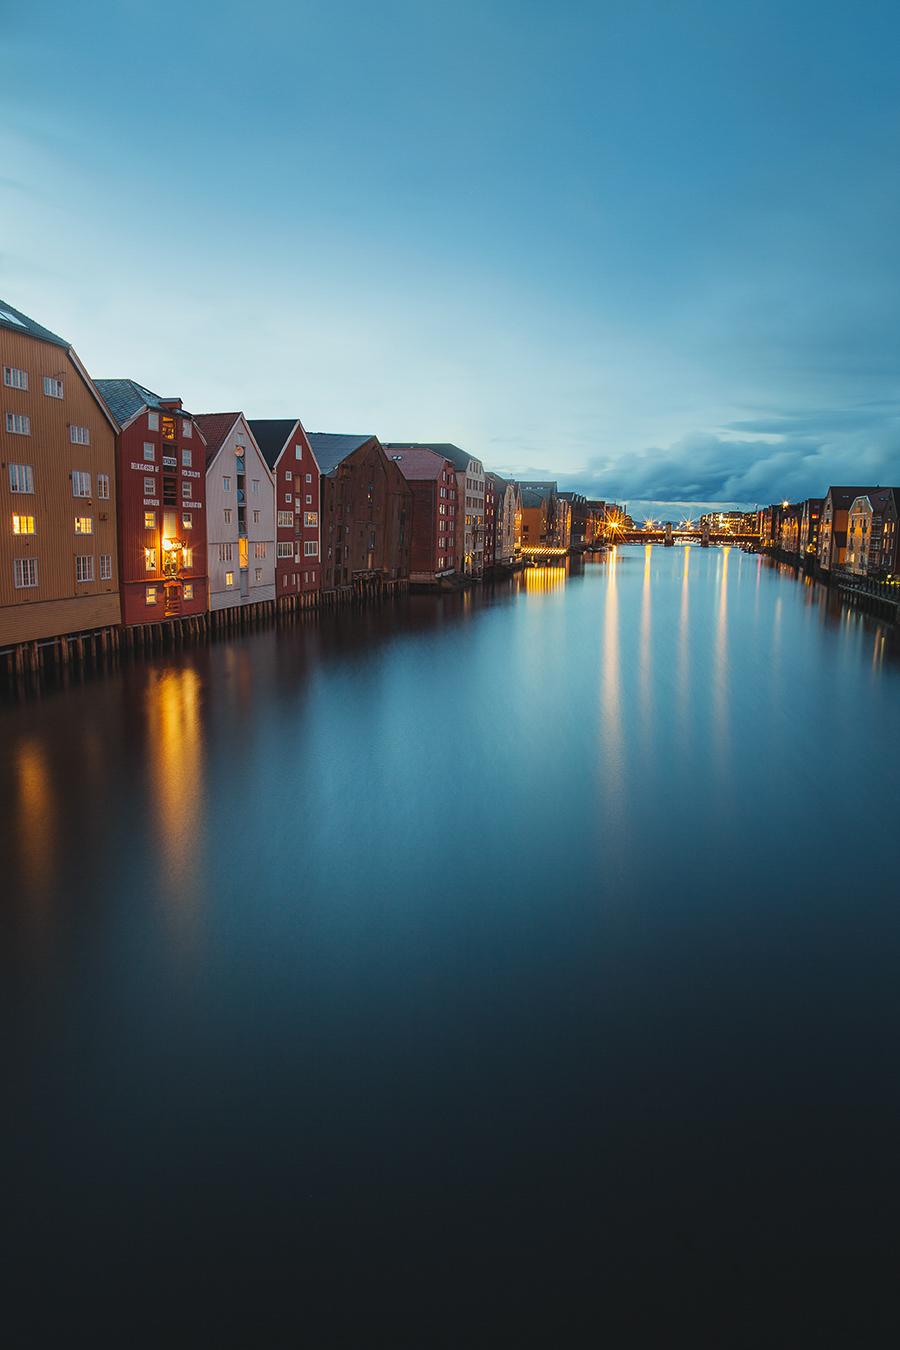 Bakklandet - the old town of Trondheim